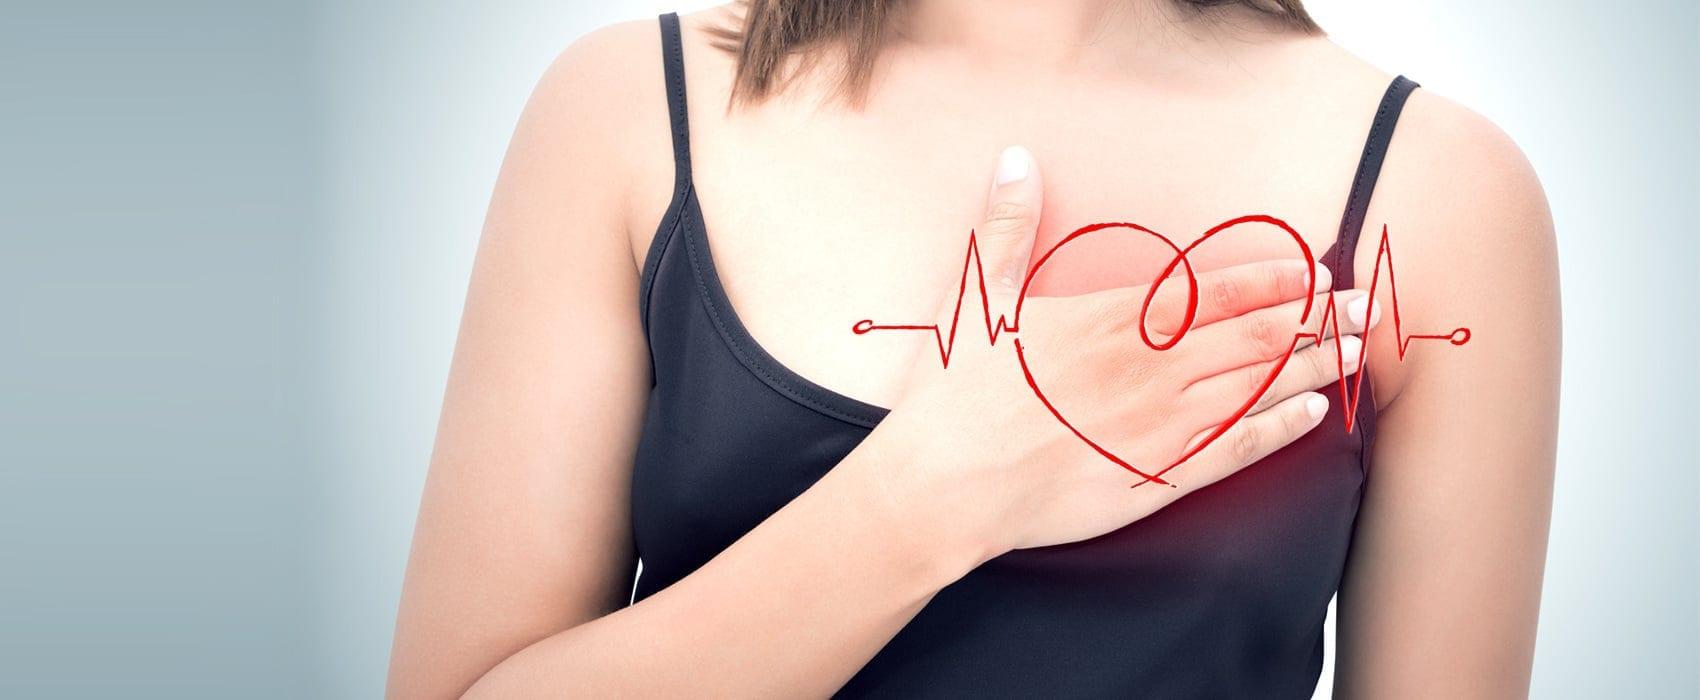 Symptome Angina Pectoris: Warnzeichen bei Herzinfakt | Cardiopraxis - Ihre Praxis für Kardiologie in Düsseldorf und Meerbusch